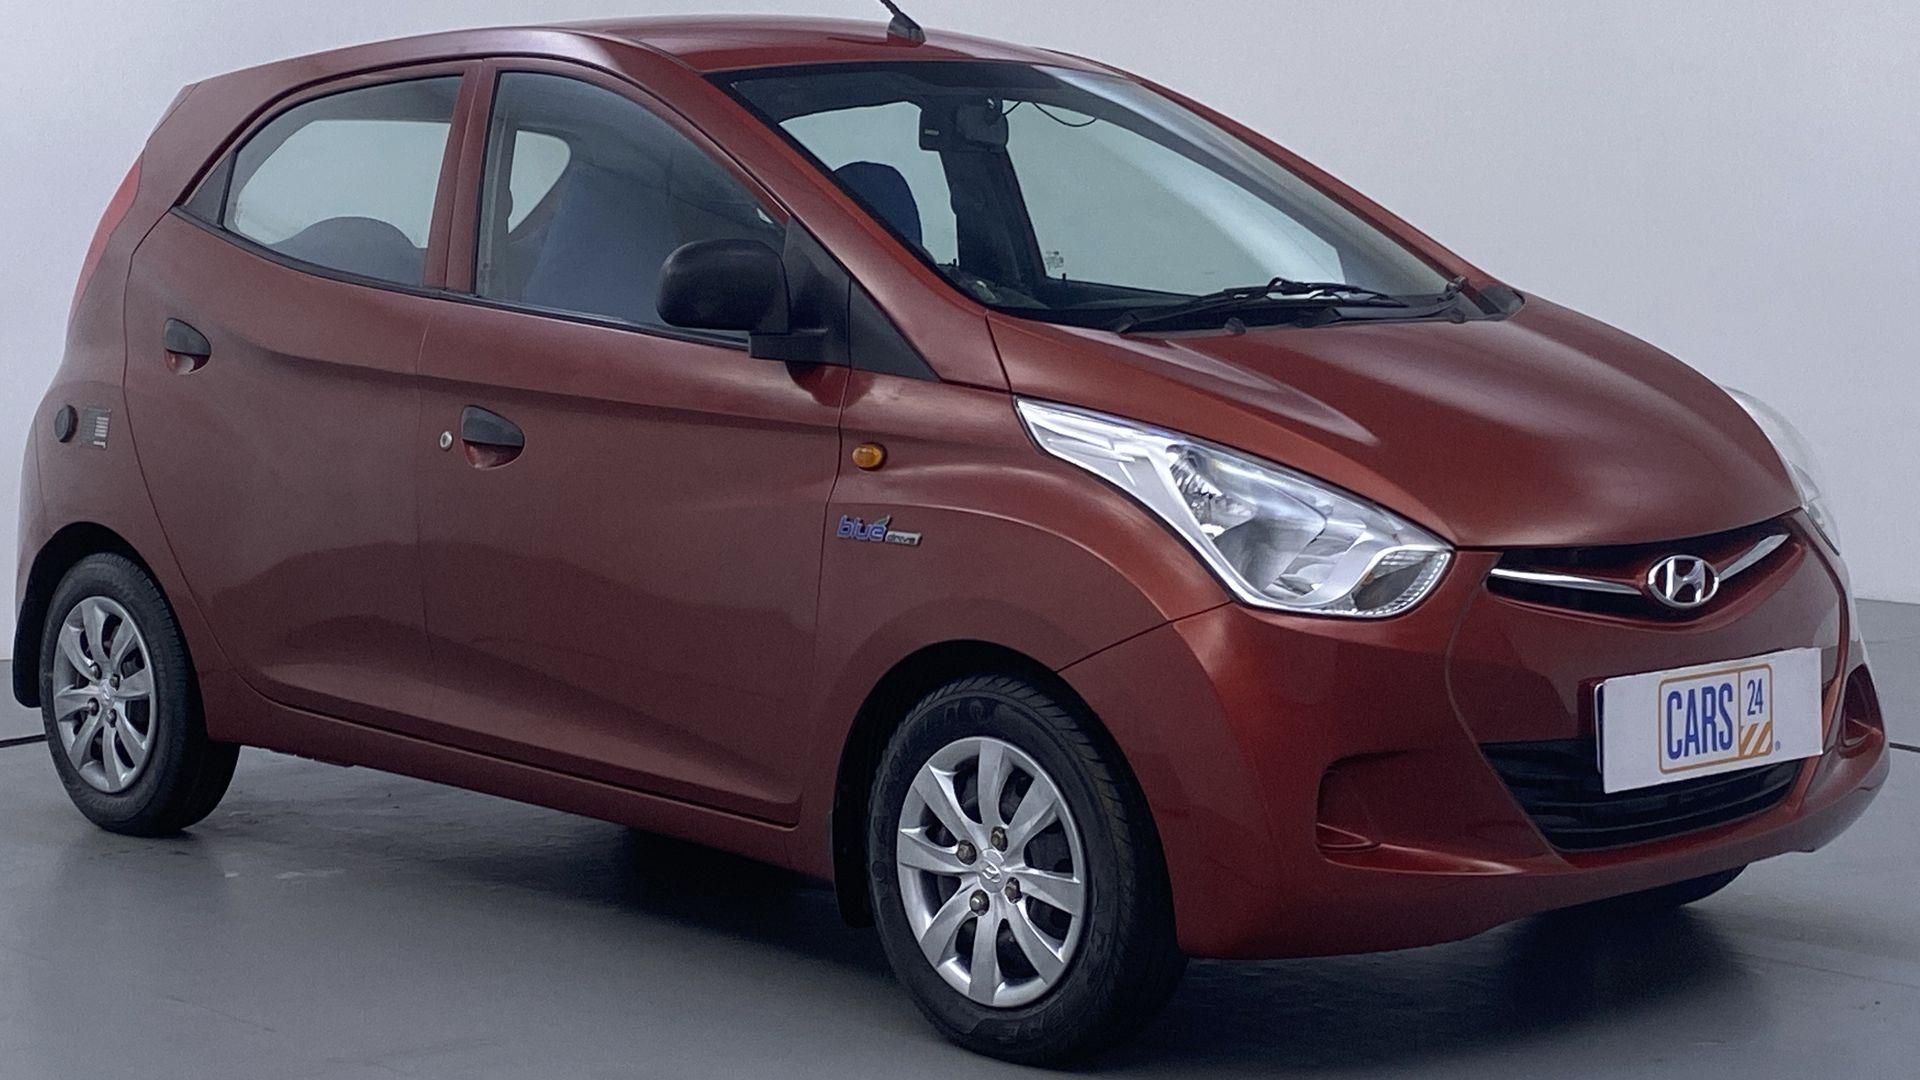 2012 Hyundai Eon MAGNA PLUS LPG